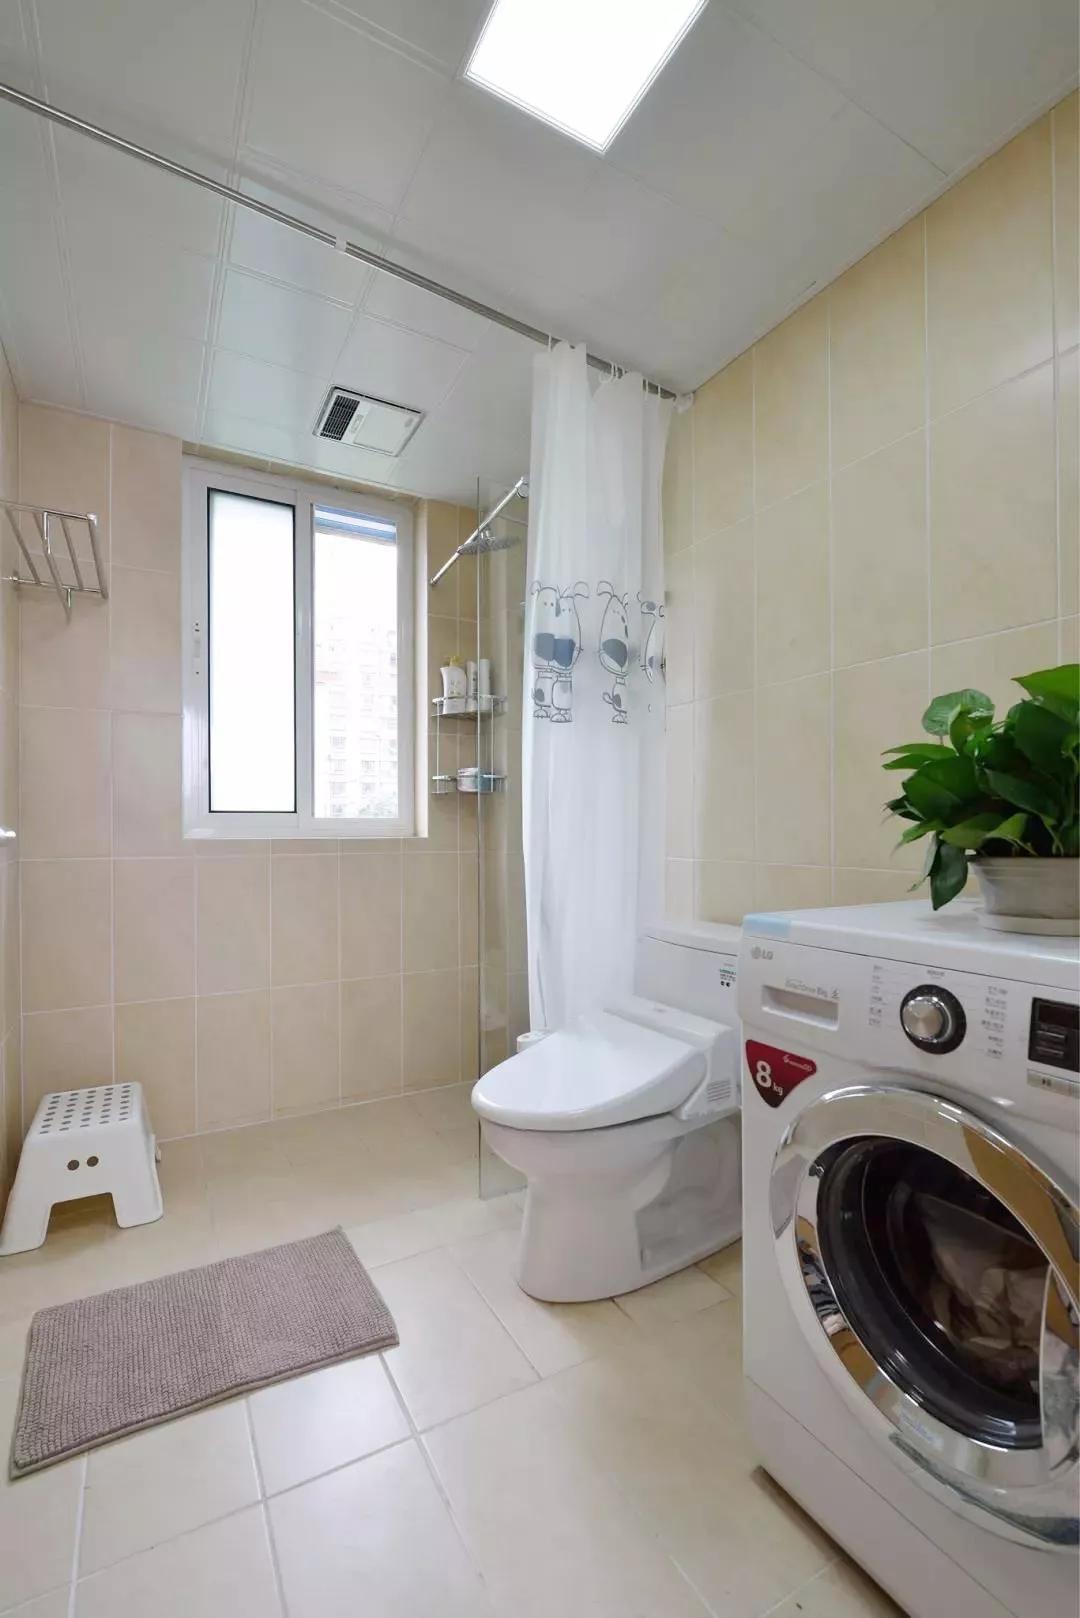 卫生间布帘设计既可将干湿区巧妙隔离,又有效保护私密。